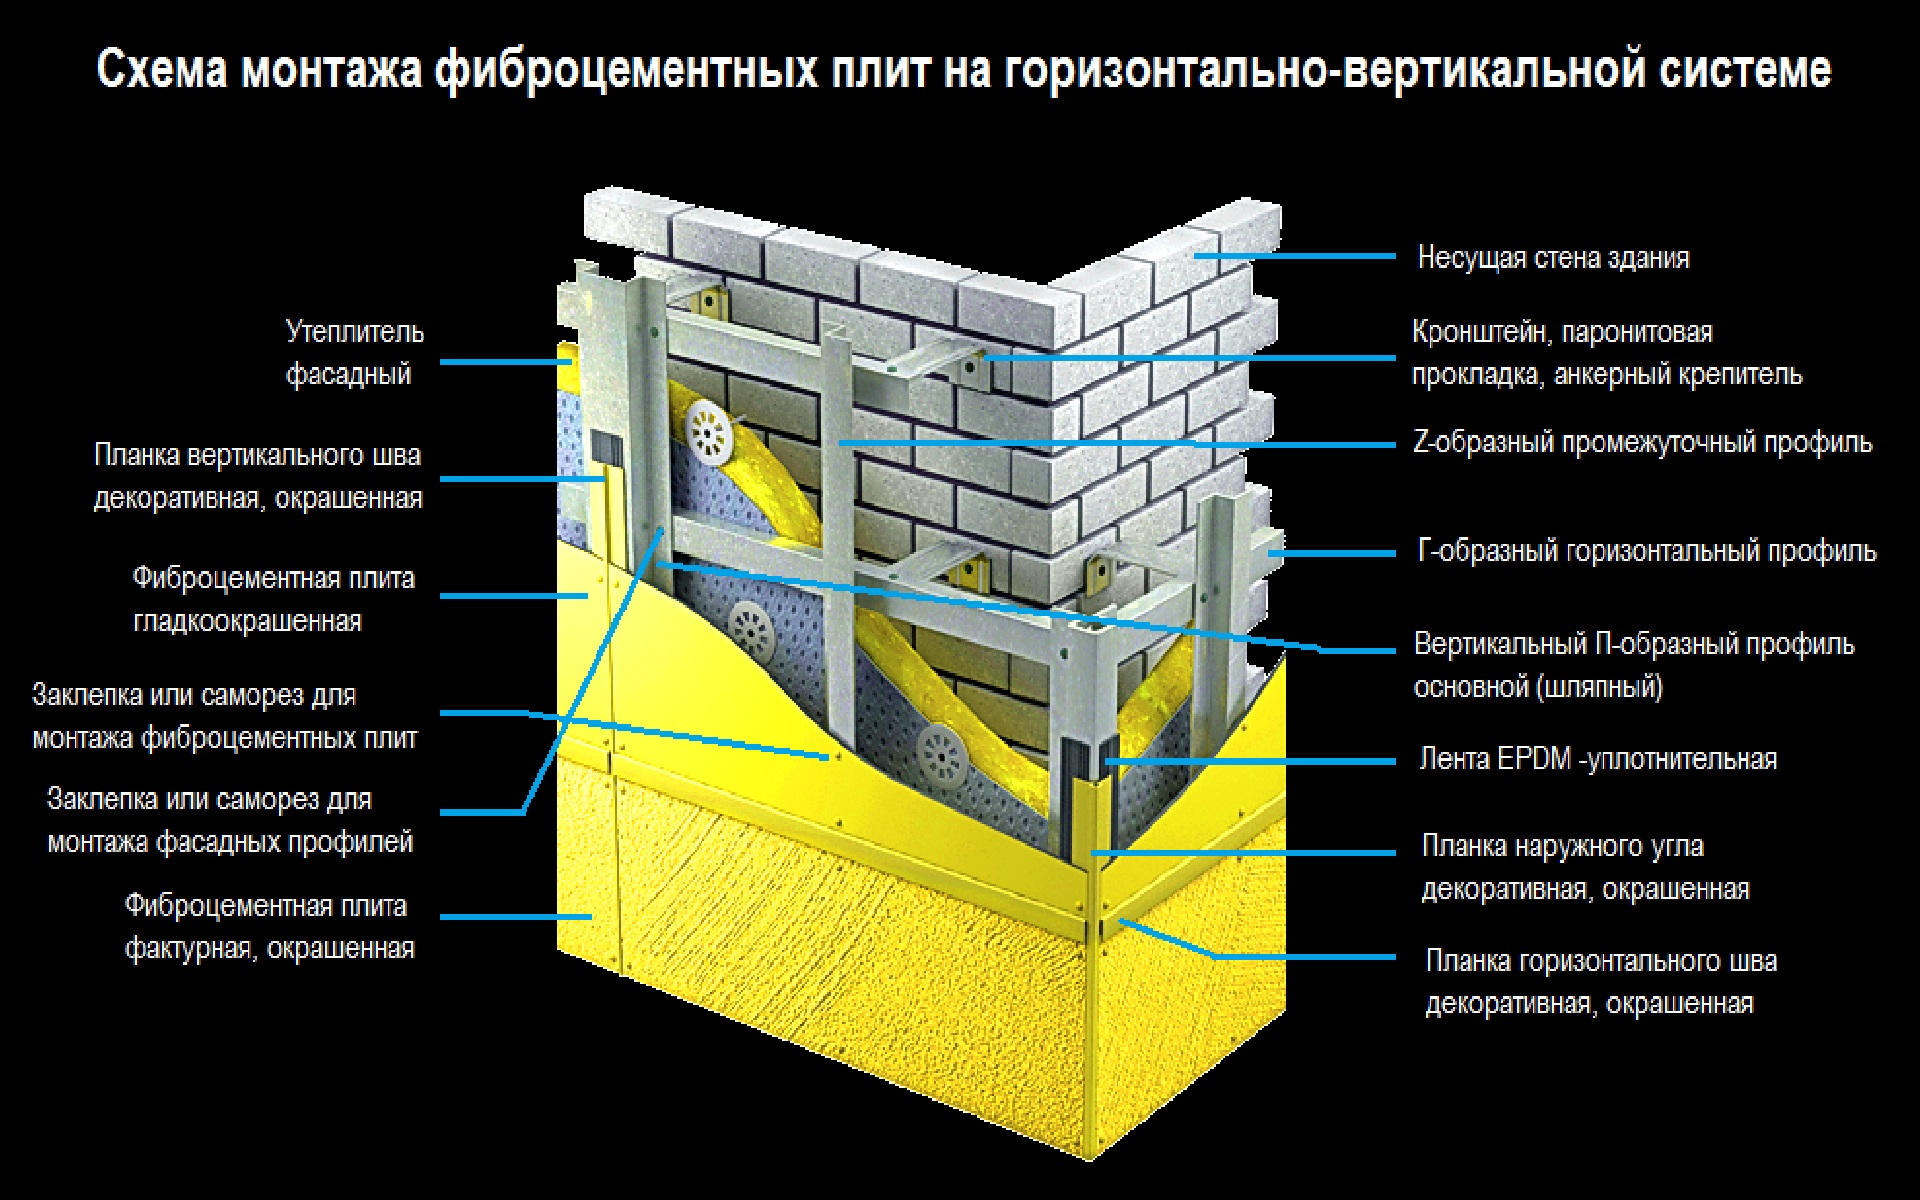 Отделка фасада фиброцементными панелями - схема монтажа фиброцементных плит